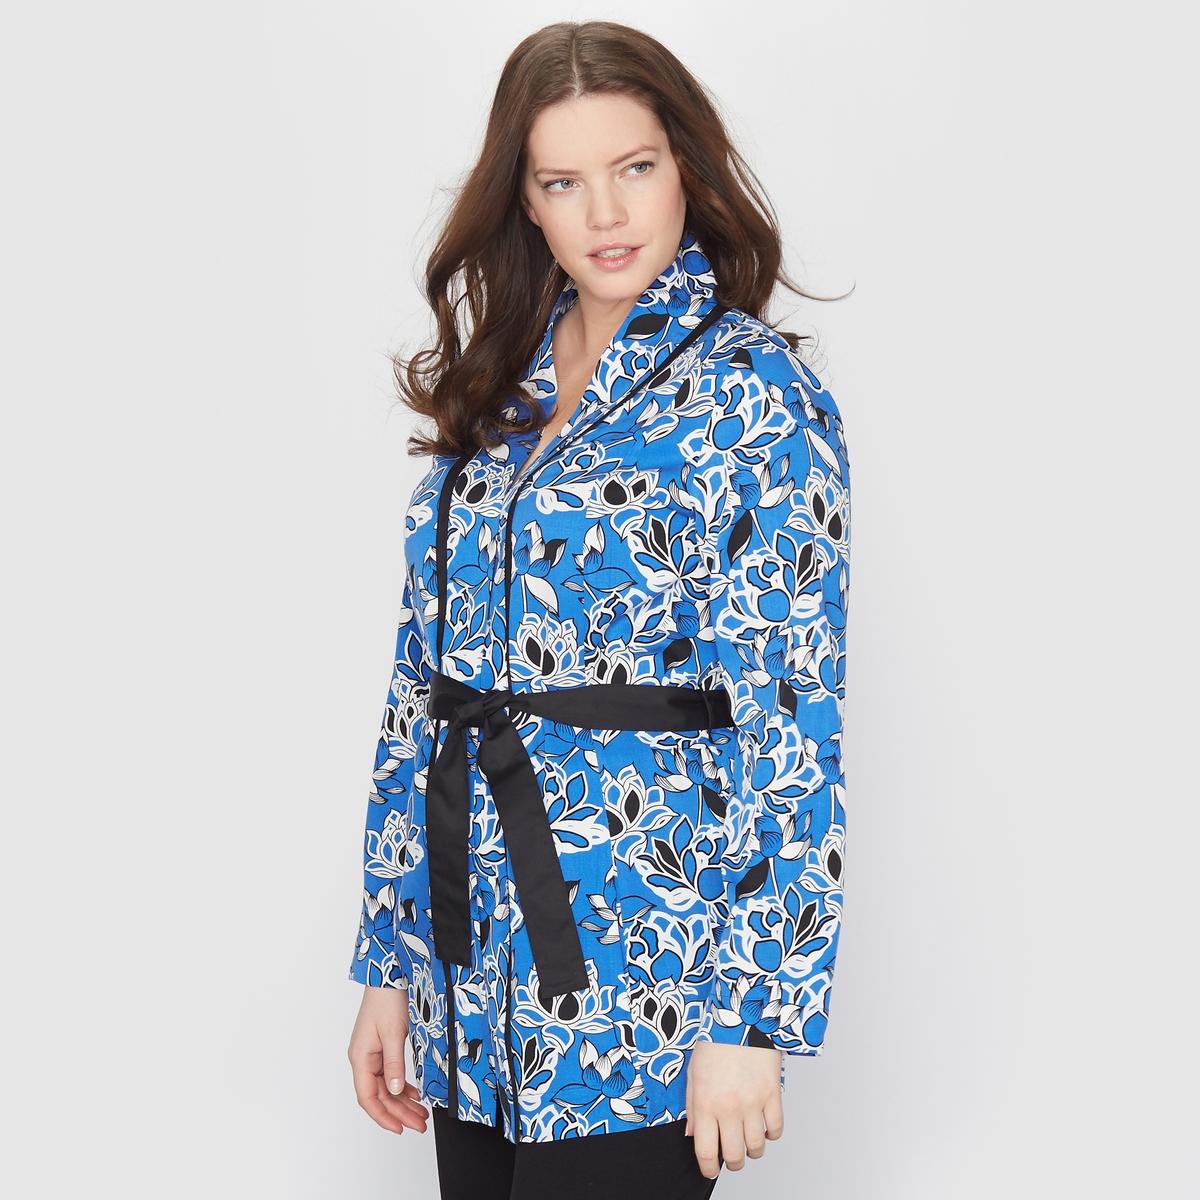 Жакет-кимоно с цветочным мотивомЖакет-кимоно. Яркий цветочный рисунок ! Однотонный черный ремешок на поясе . Контрастная черная бейка на вырезе и рукавах . 100% вискозы . Длина 72 см .<br><br>Цвет: рисунок цветочный синий<br>Размер: 52 (FR) - 58 (RUS).42 (FR) - 48 (RUS)